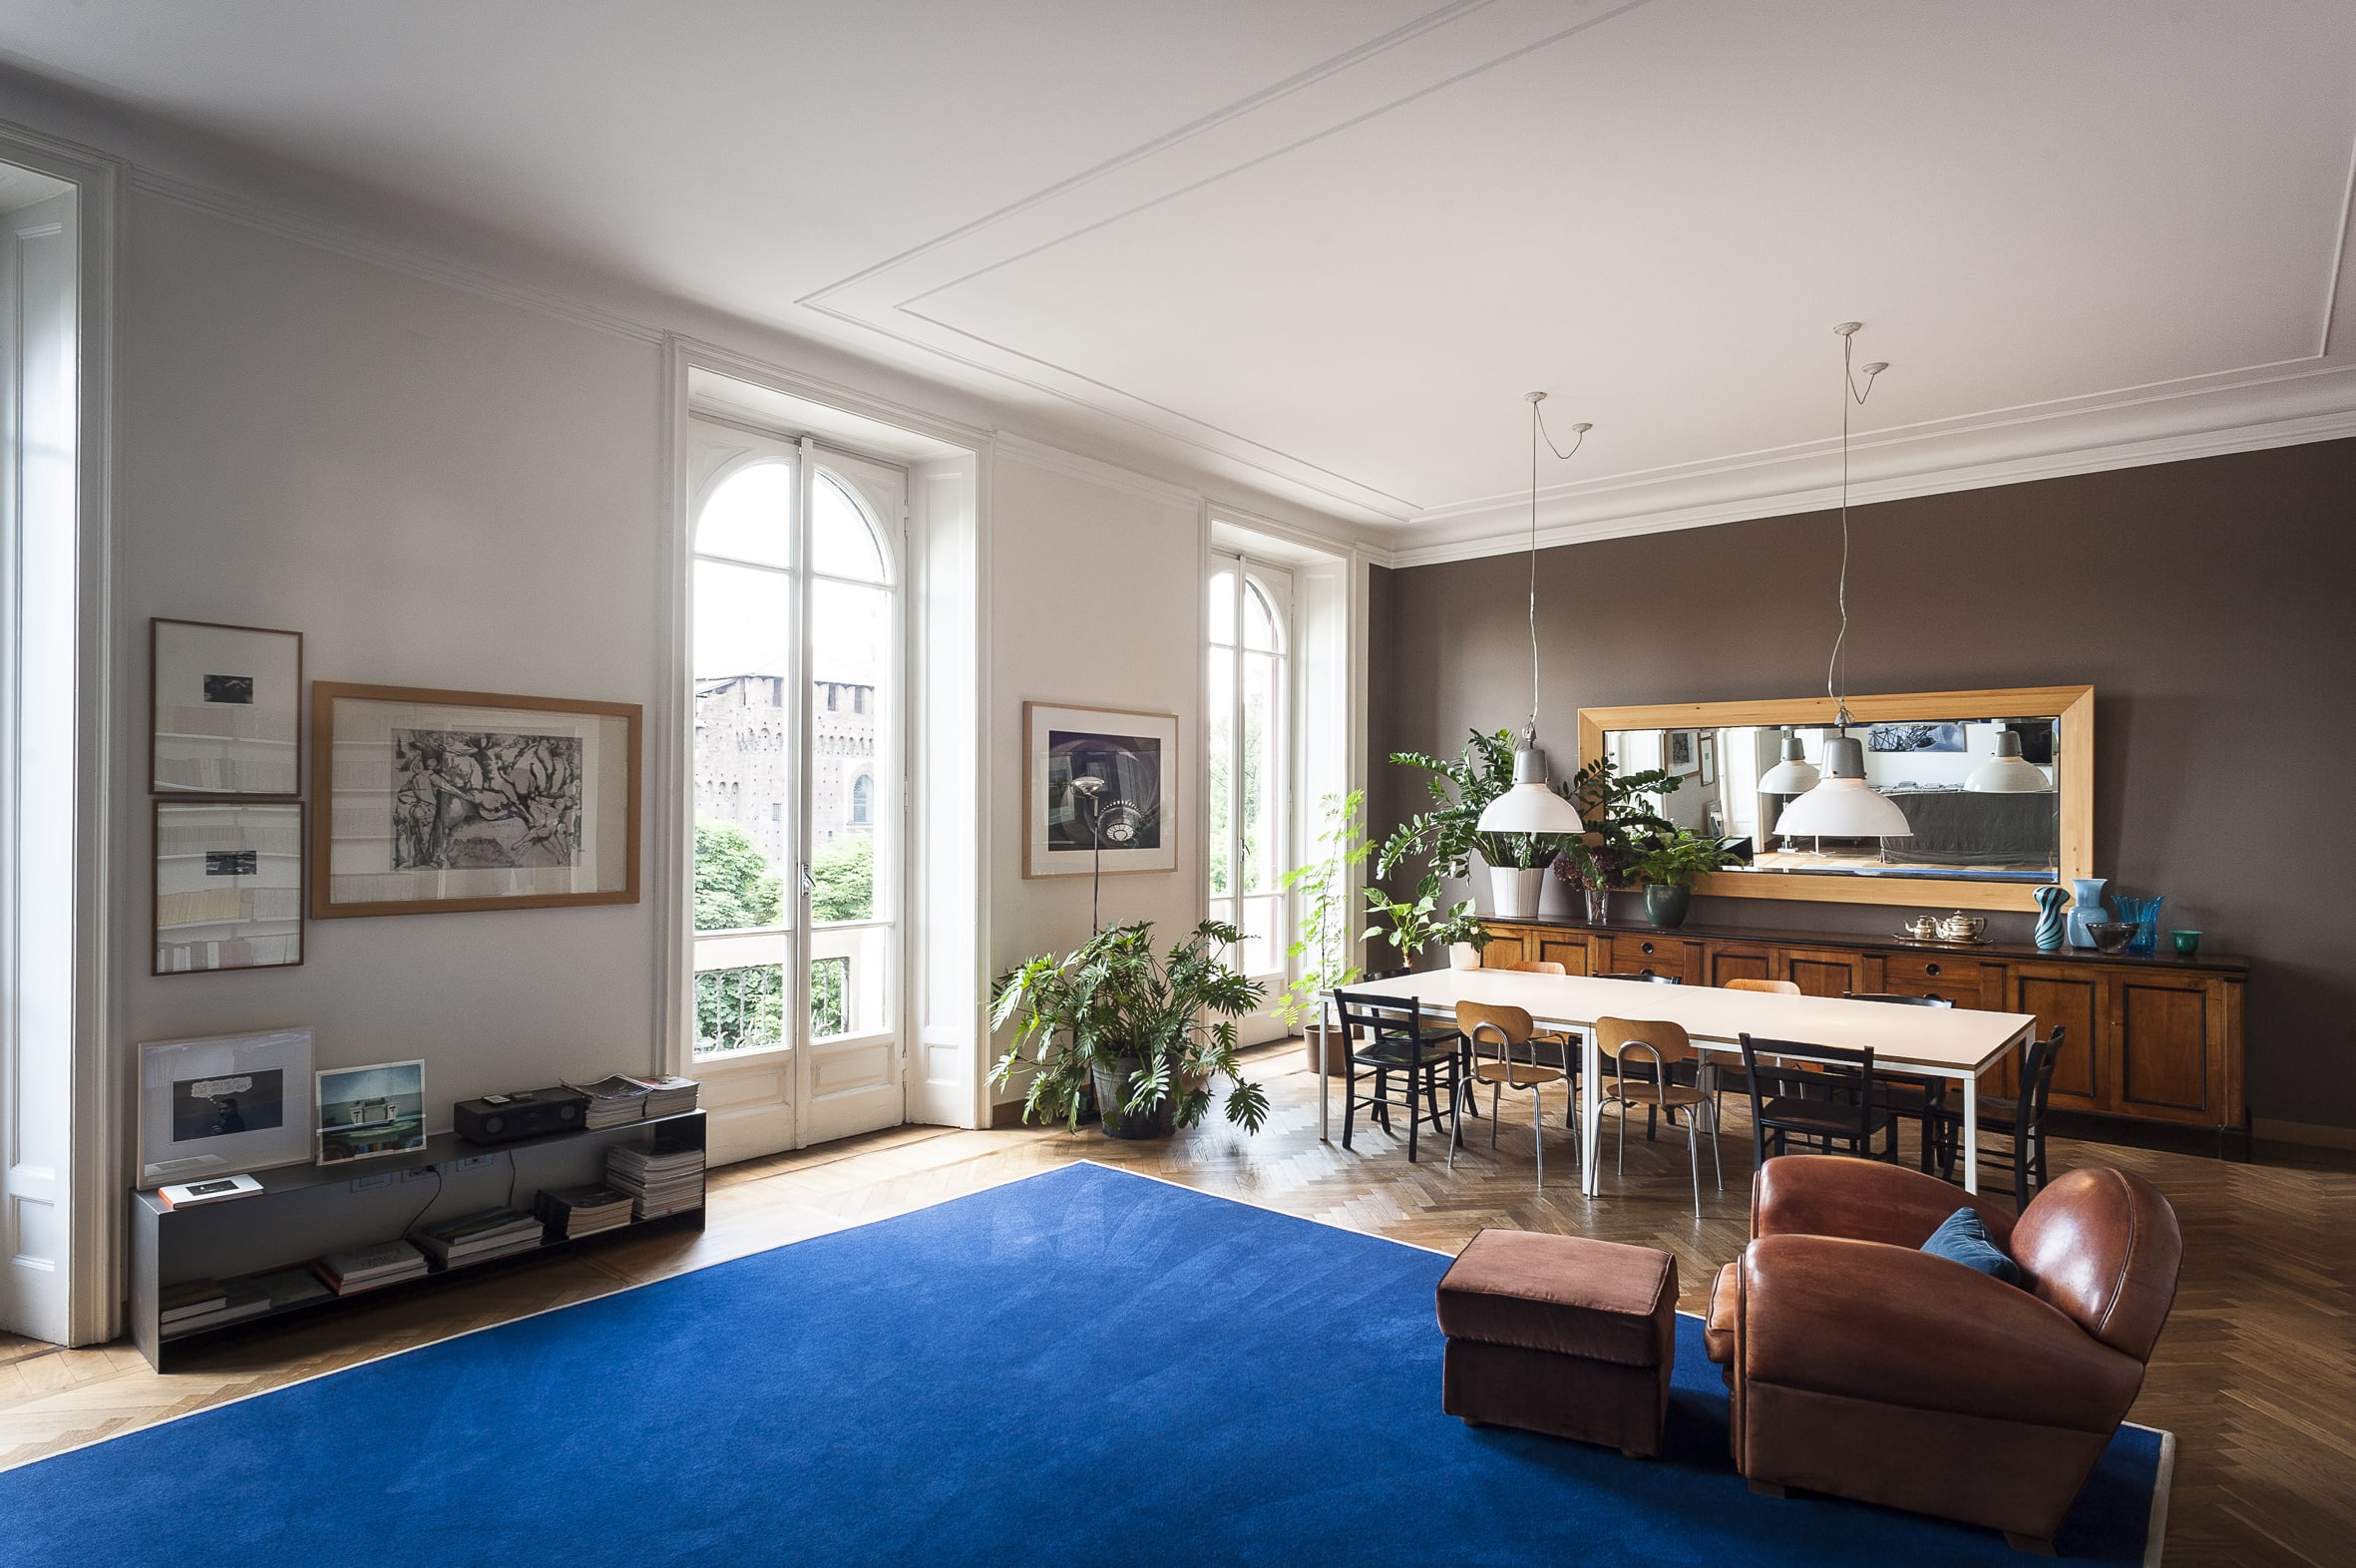 IB Studio · apartment in milan · Divisare